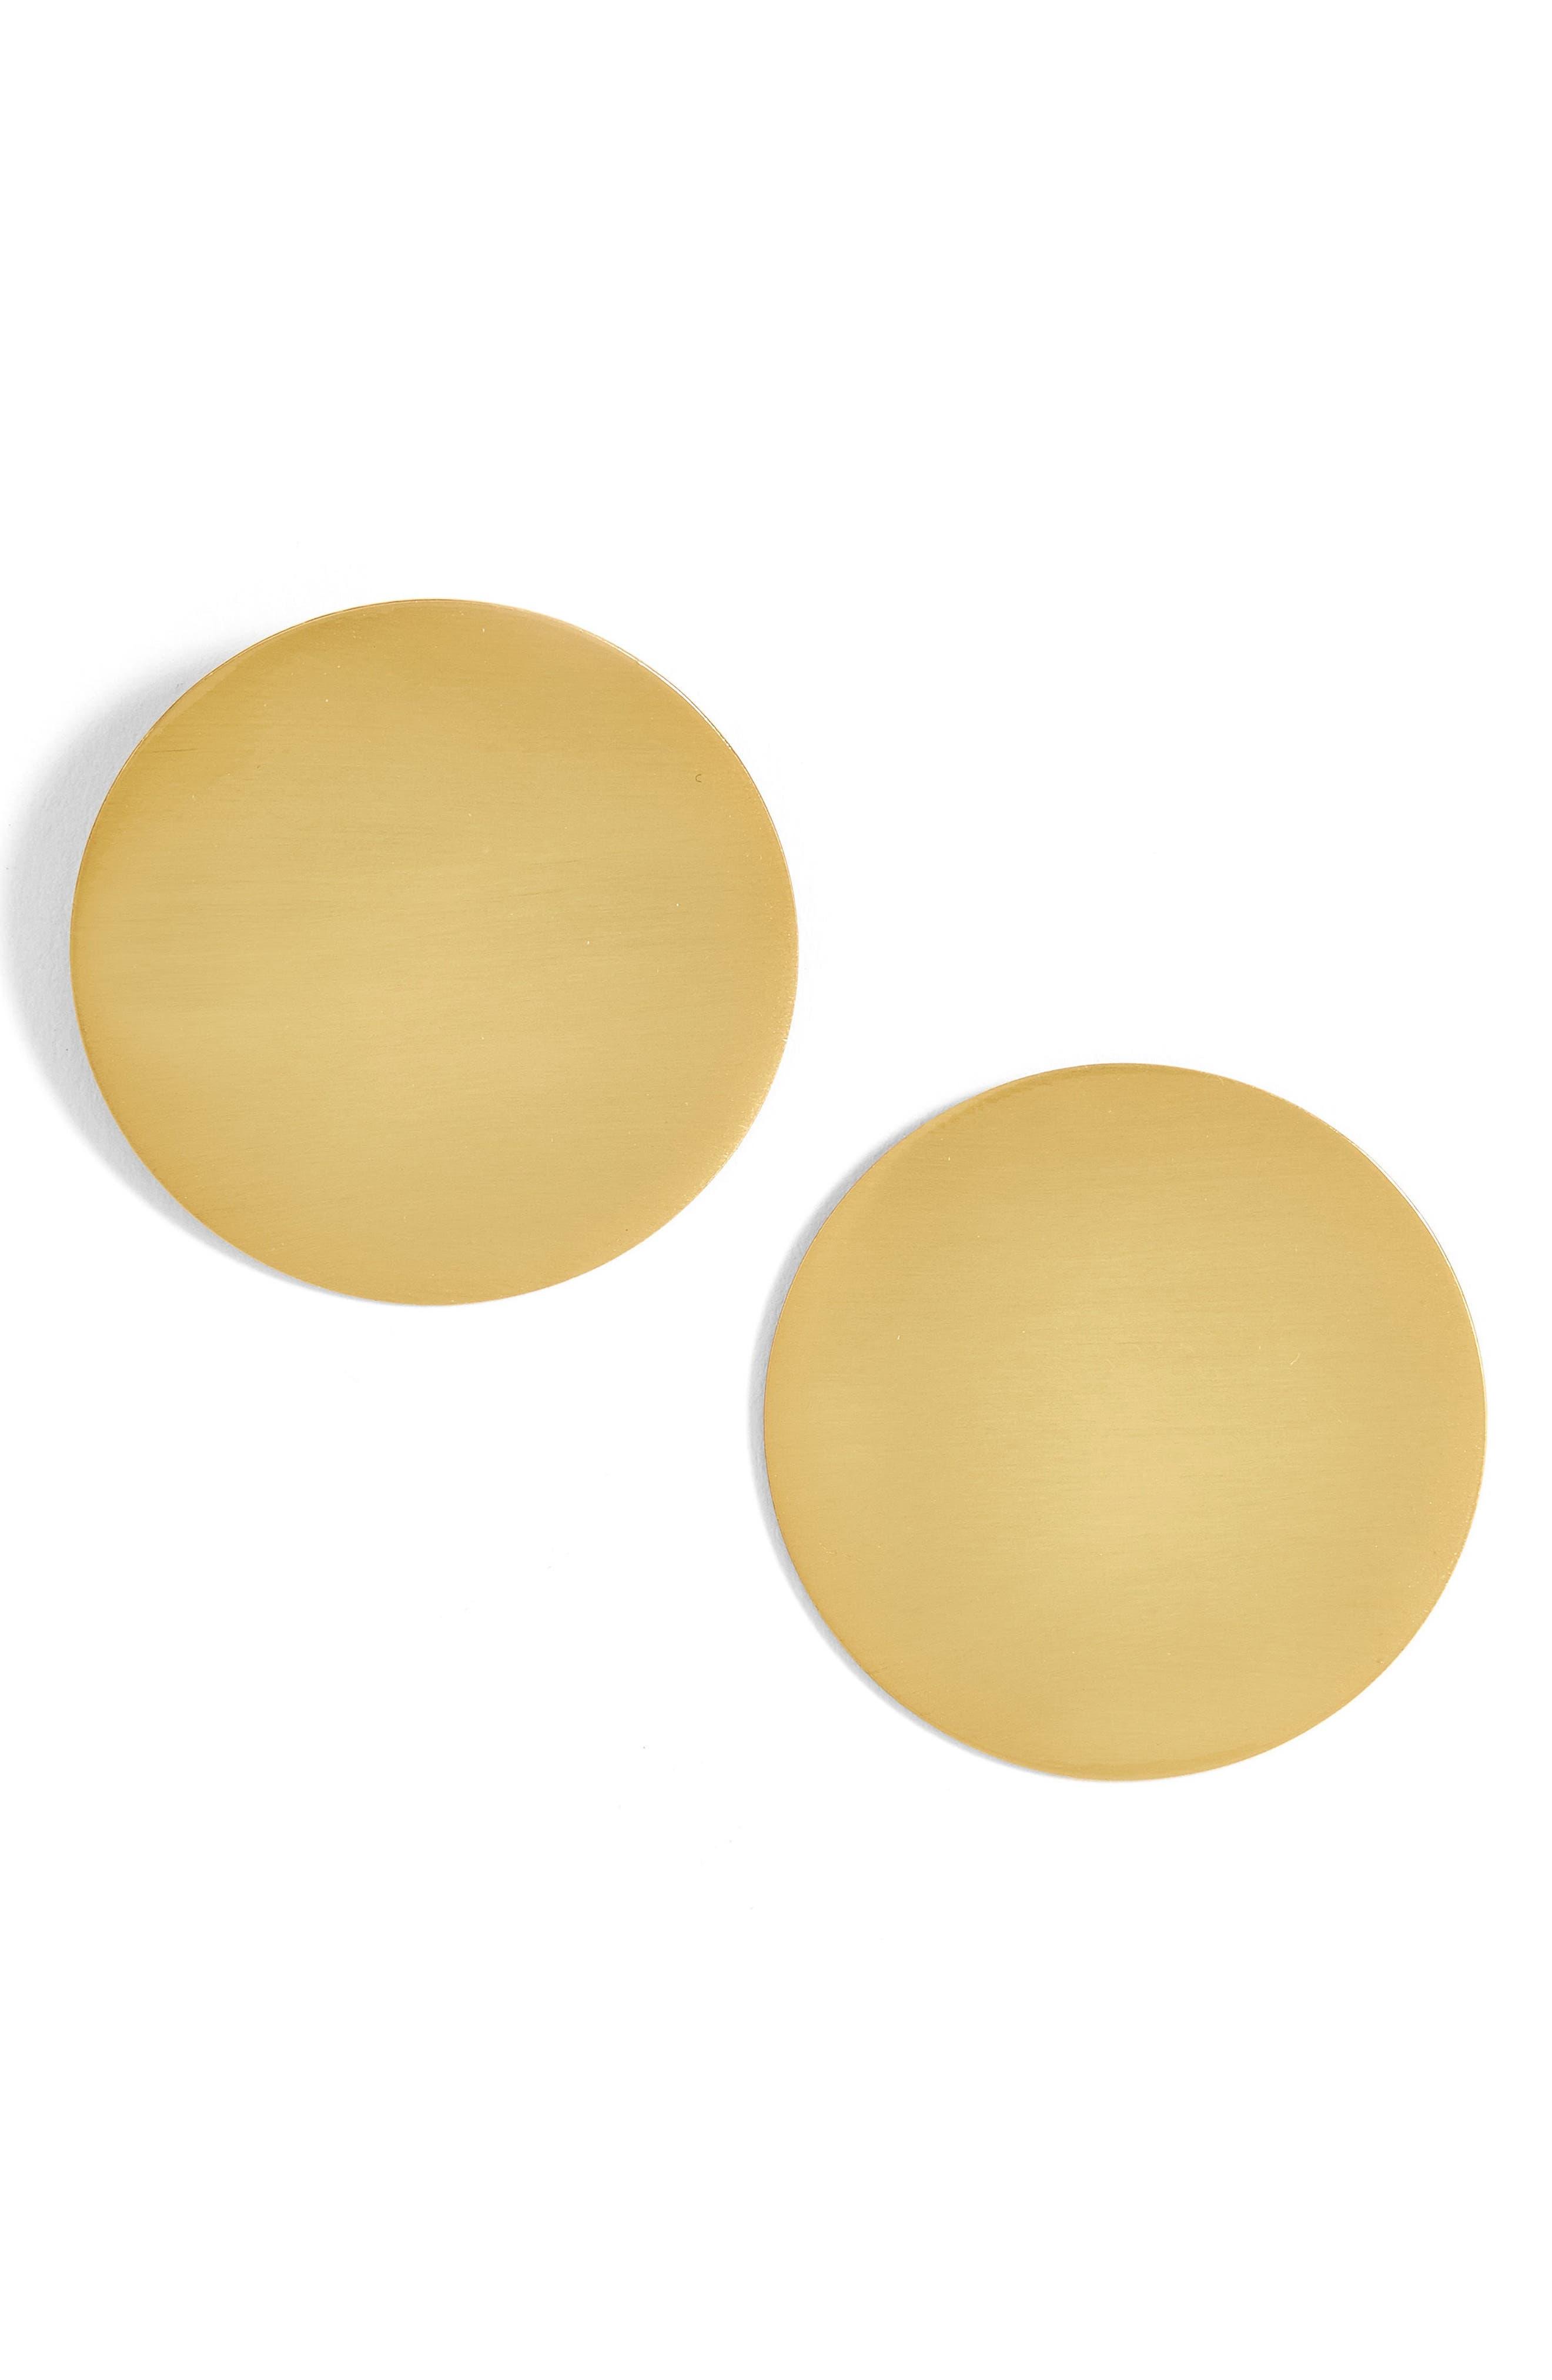 Alternate Image 1 Selected - BaubleBar Cora Disk Stud Earrings